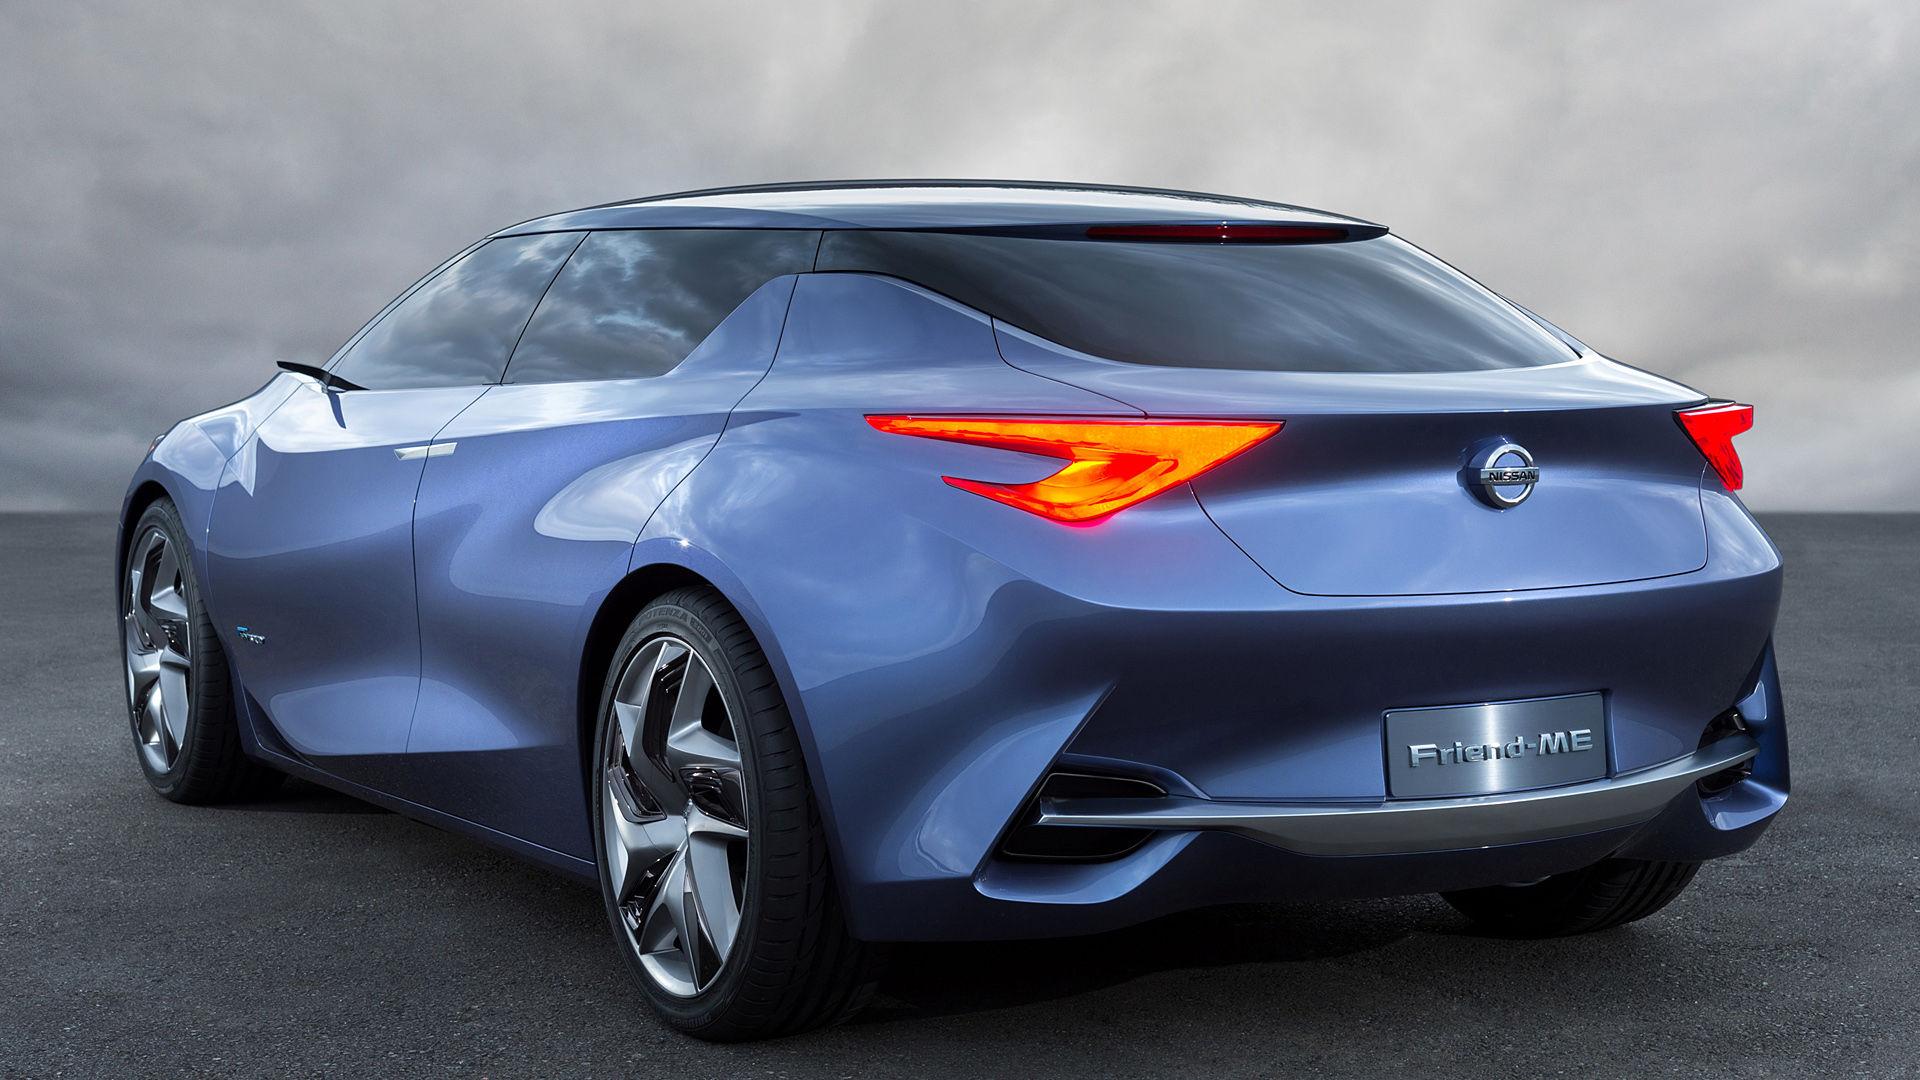 2013 Nissan Friend-ME Concept